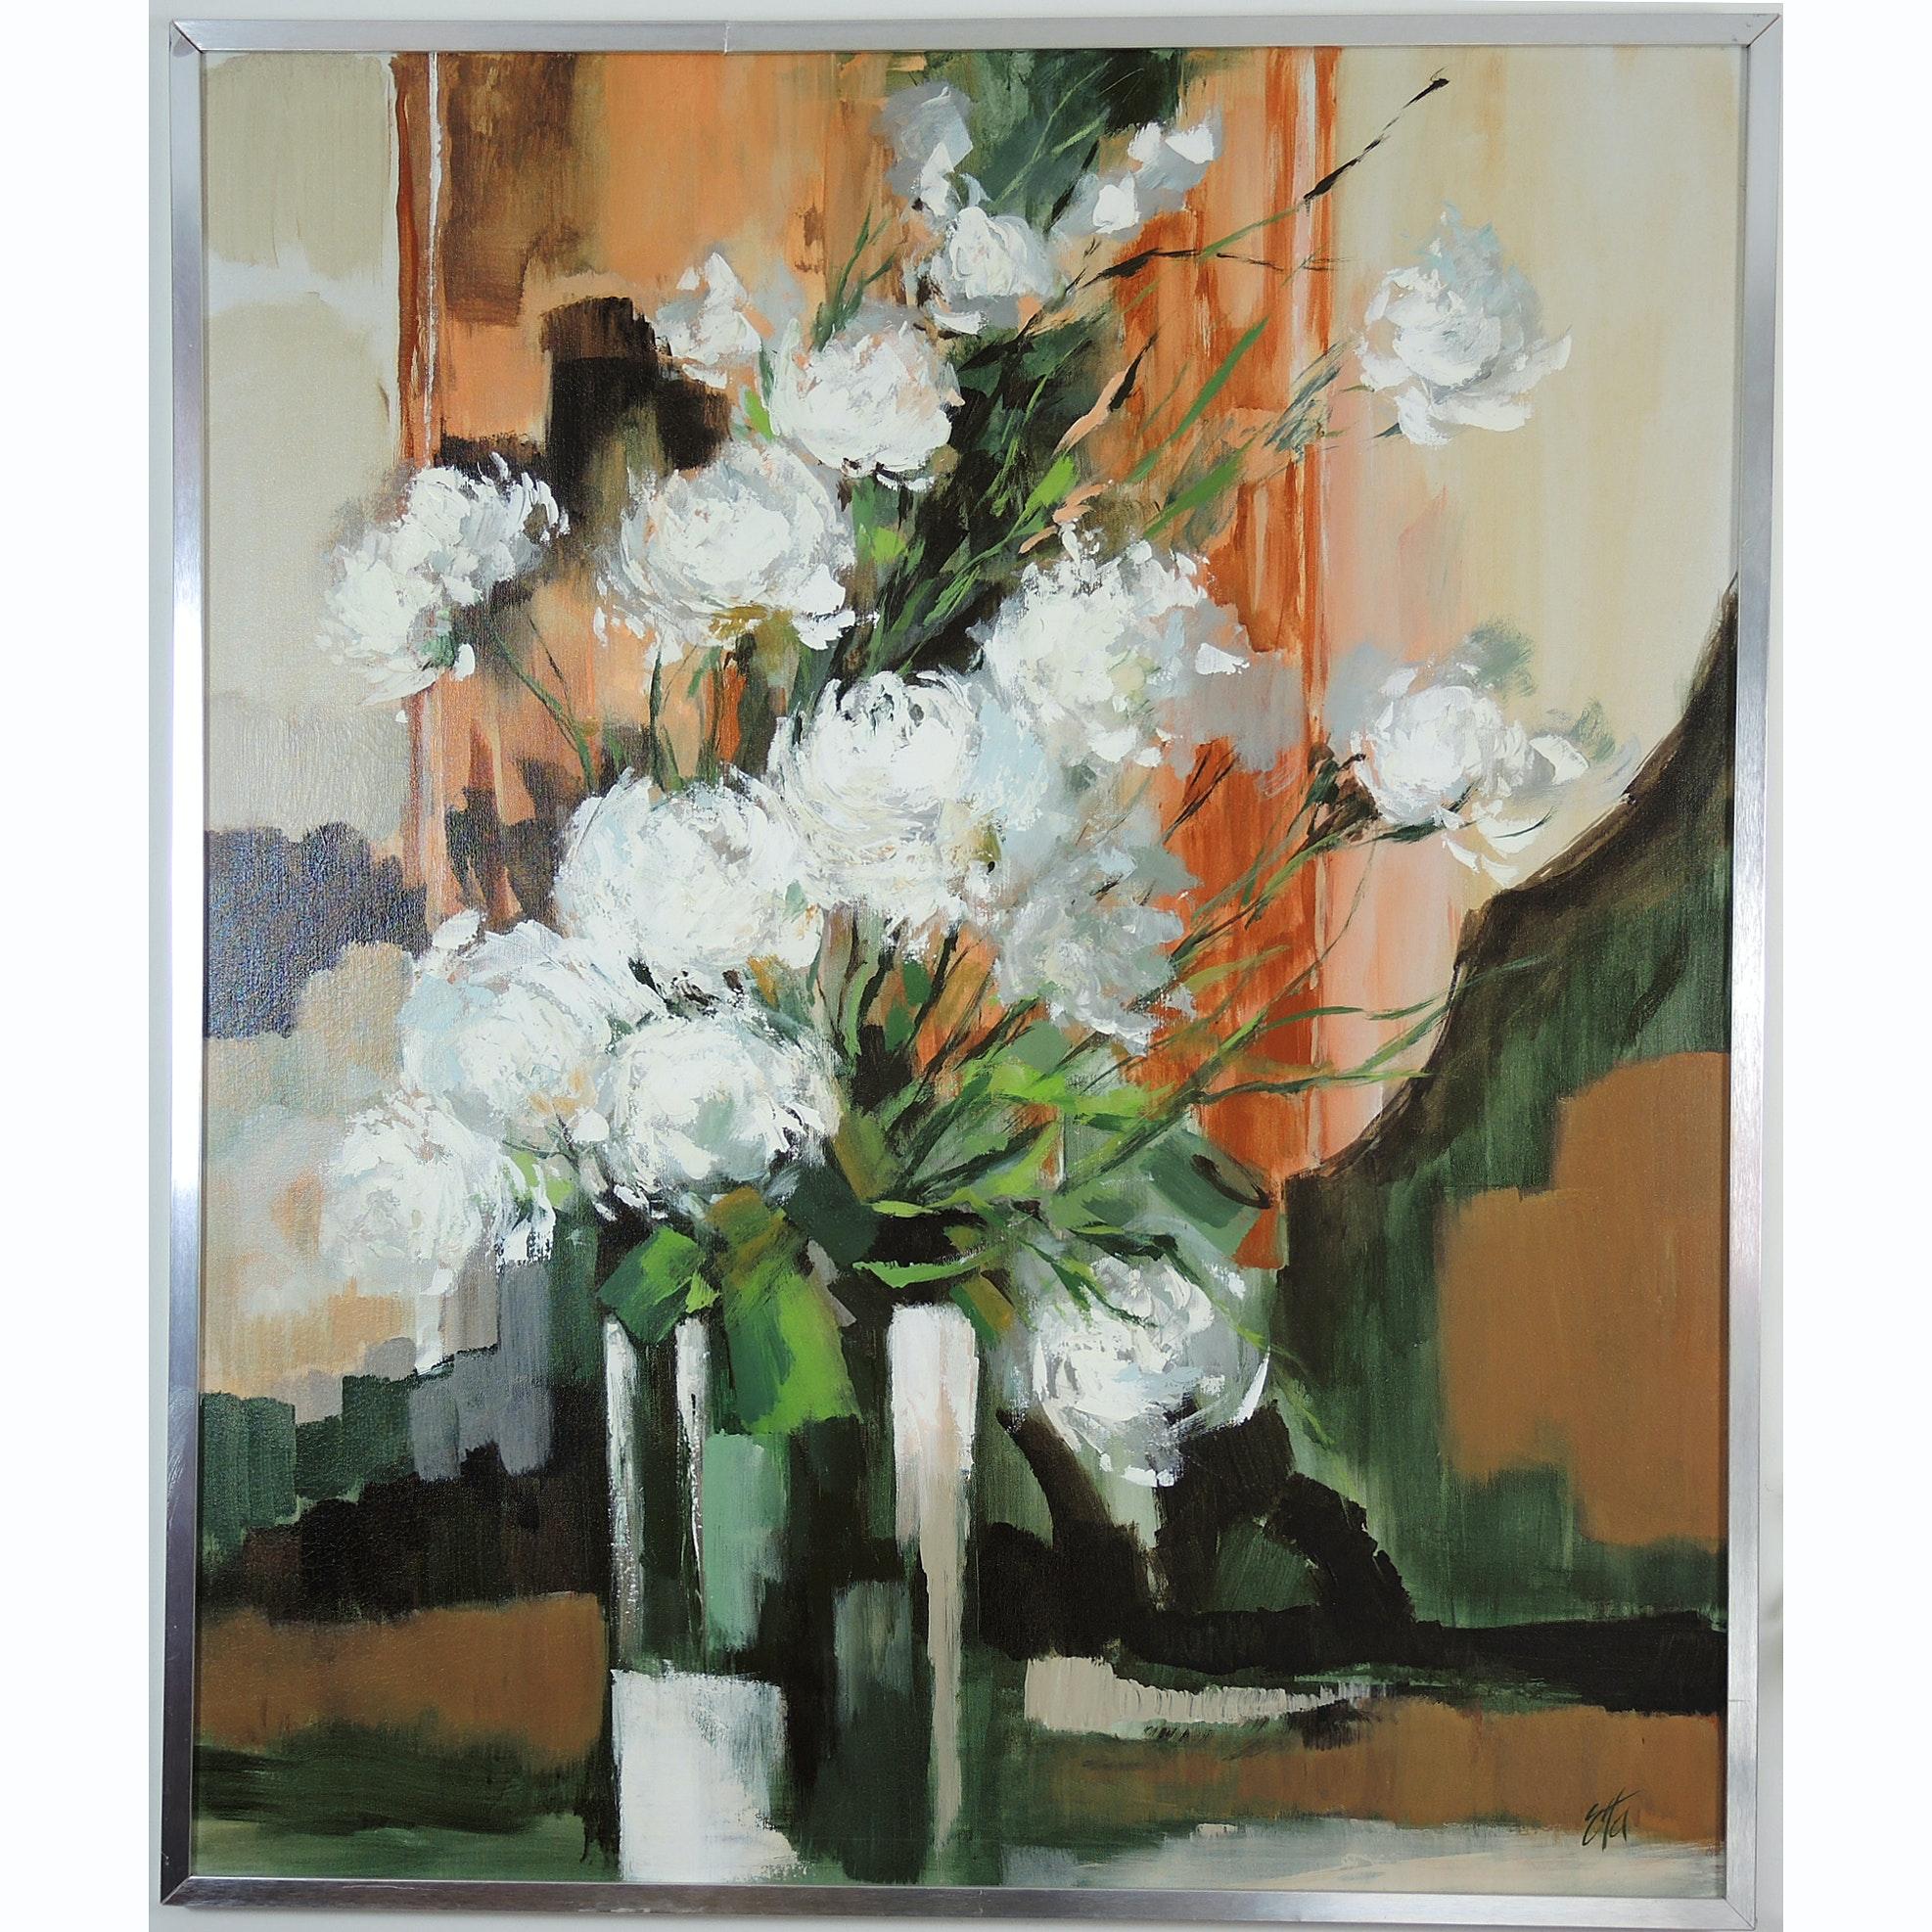 Etta Benjamin Floral Still Life Painting on Canvas